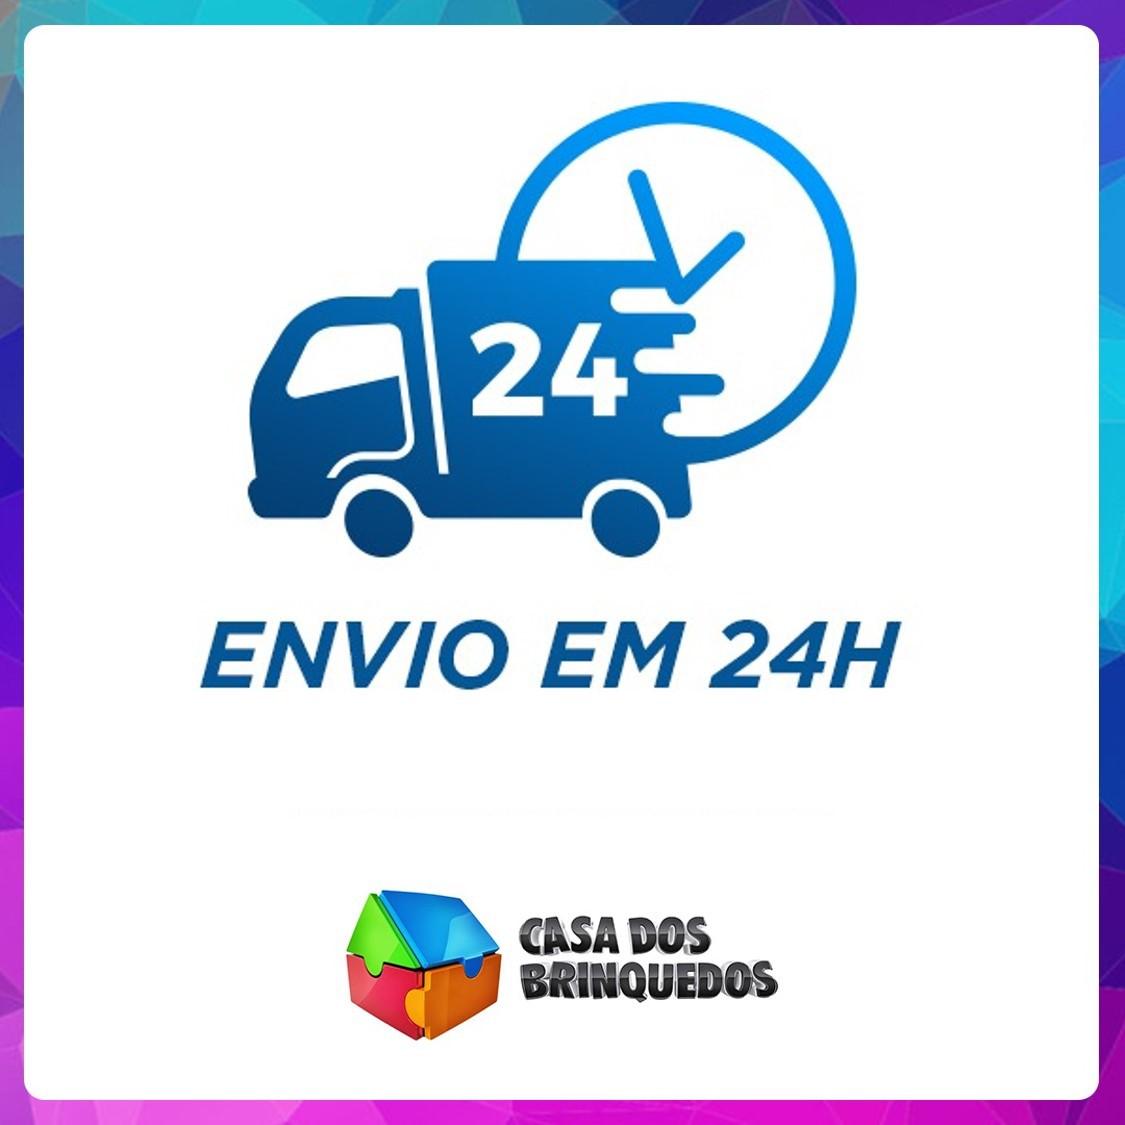 JOGO DE CARTAS UNO ORIGINAL EM PORTUGUÊS 98190 COPAG